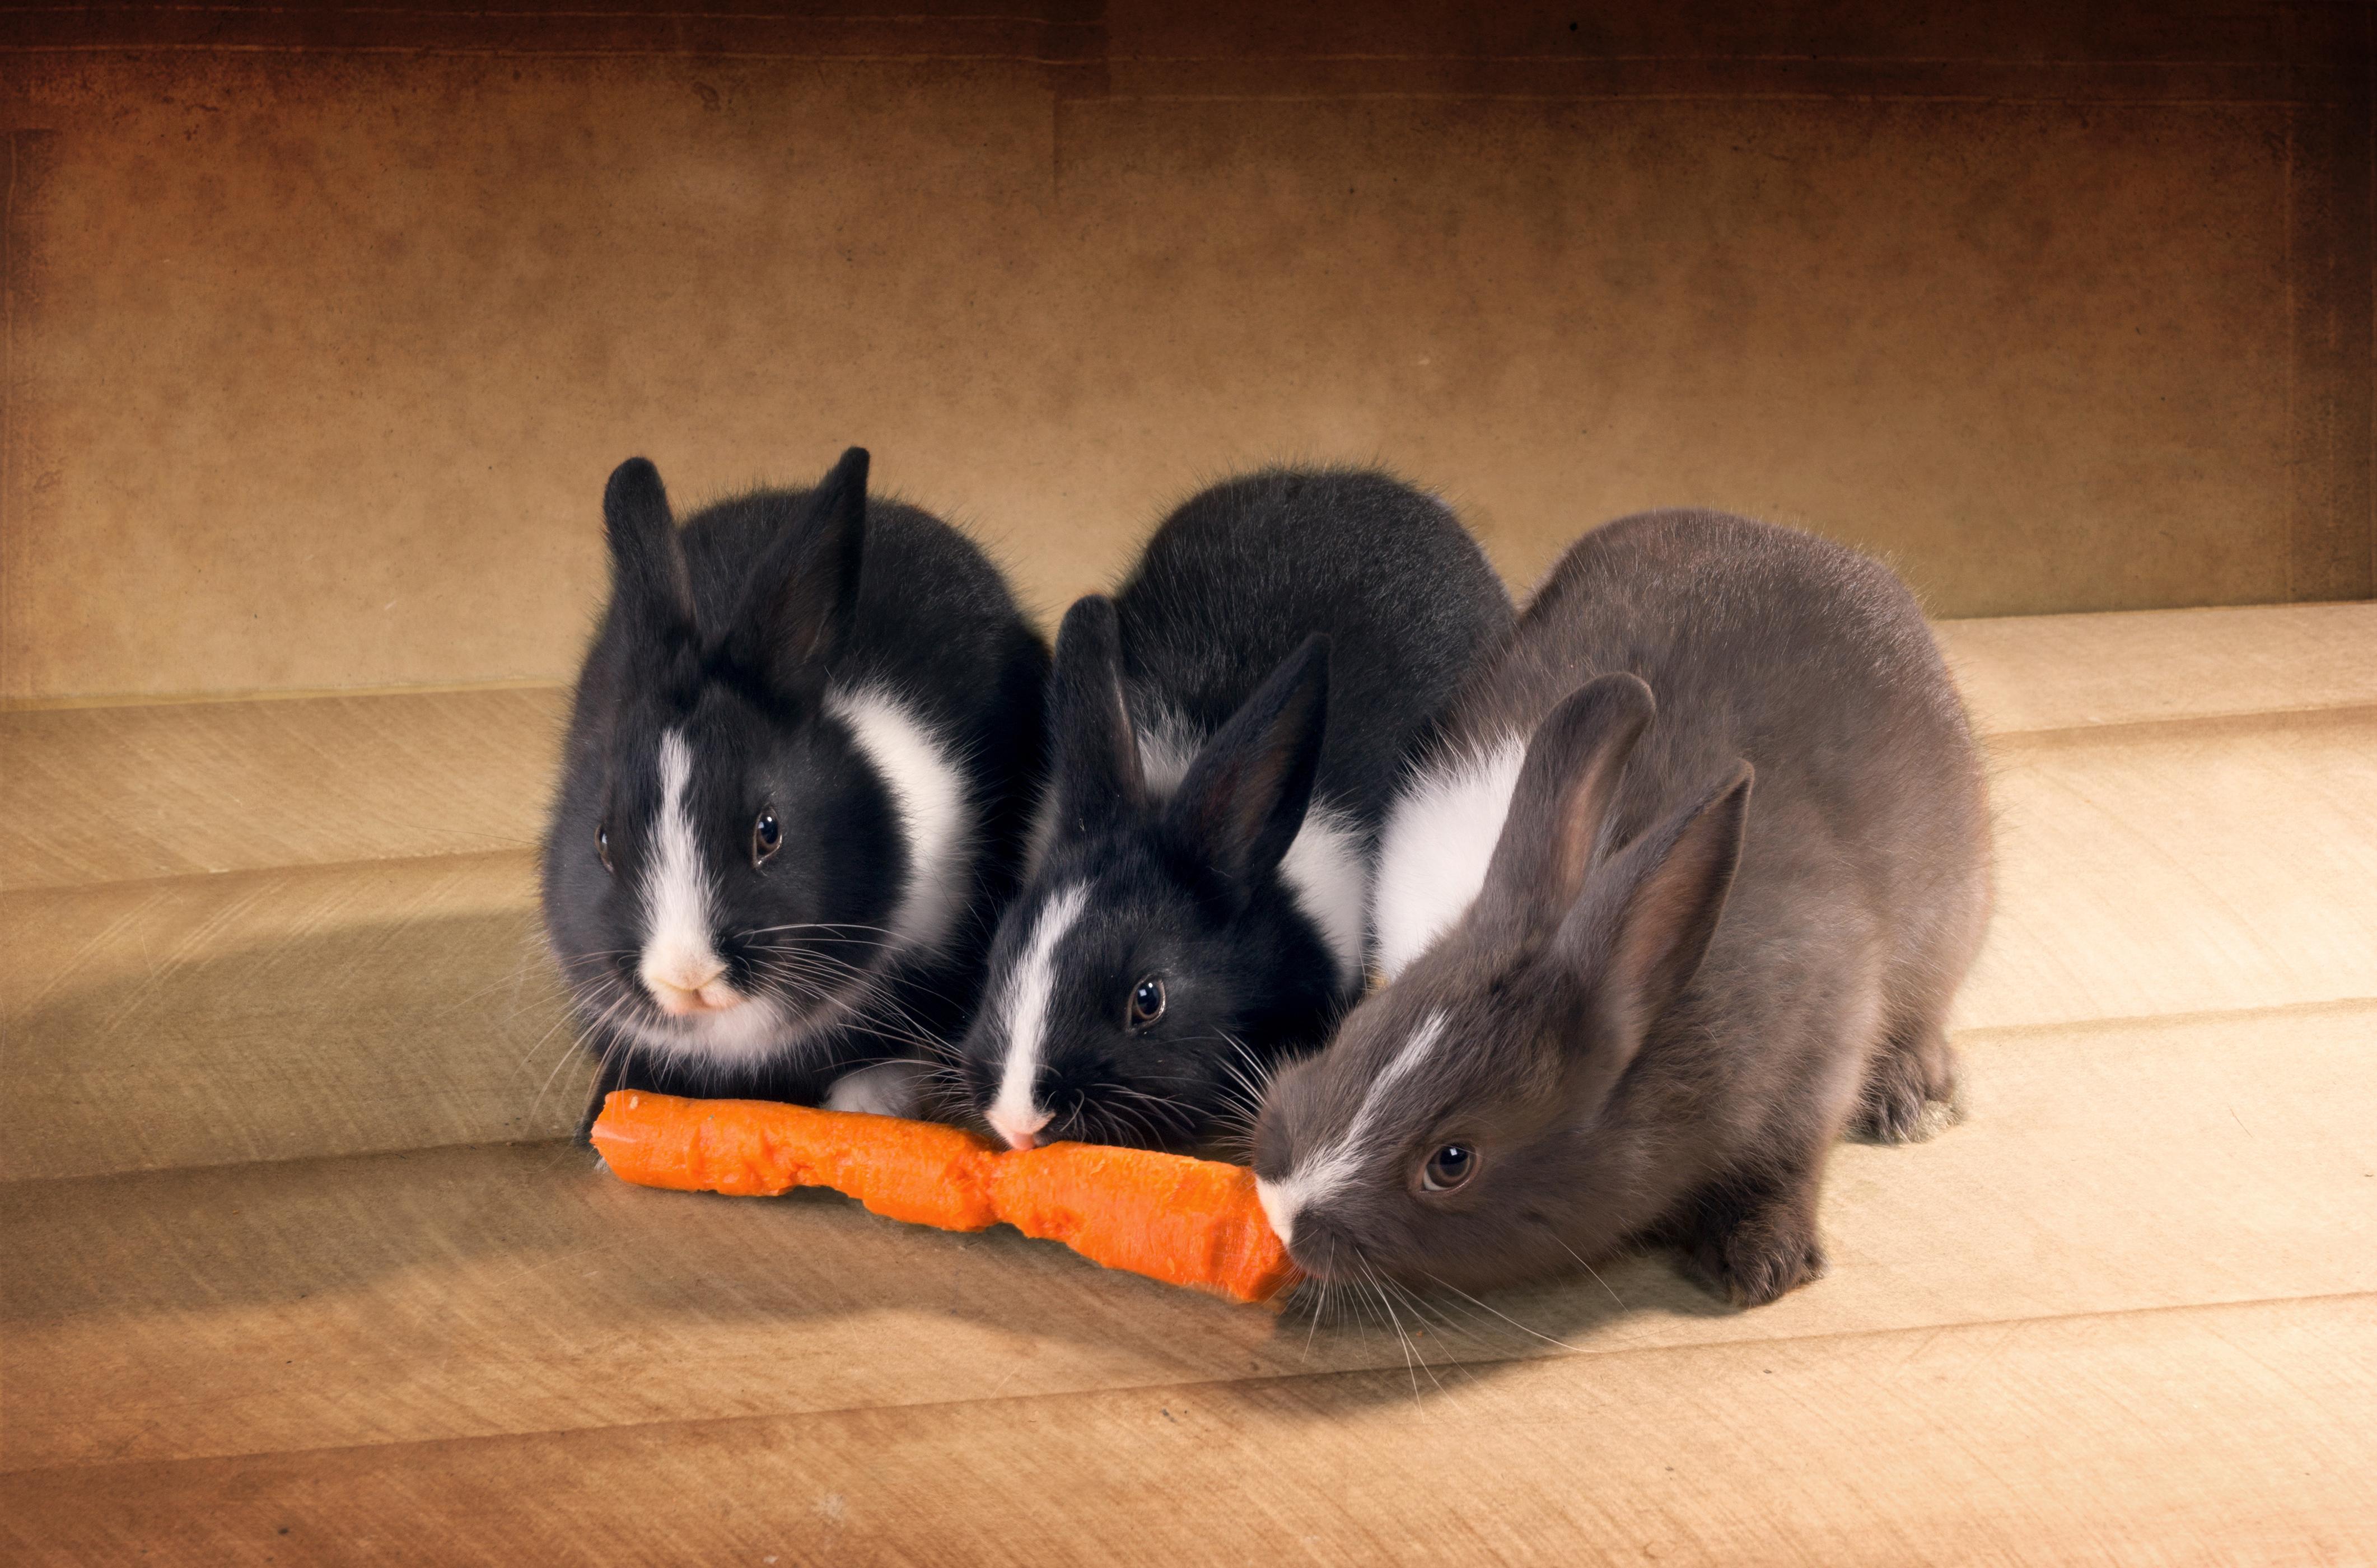 Фотографии Кролики морковка втроем Животные 4245x2800 кролик Морковь три Трое 3 животное